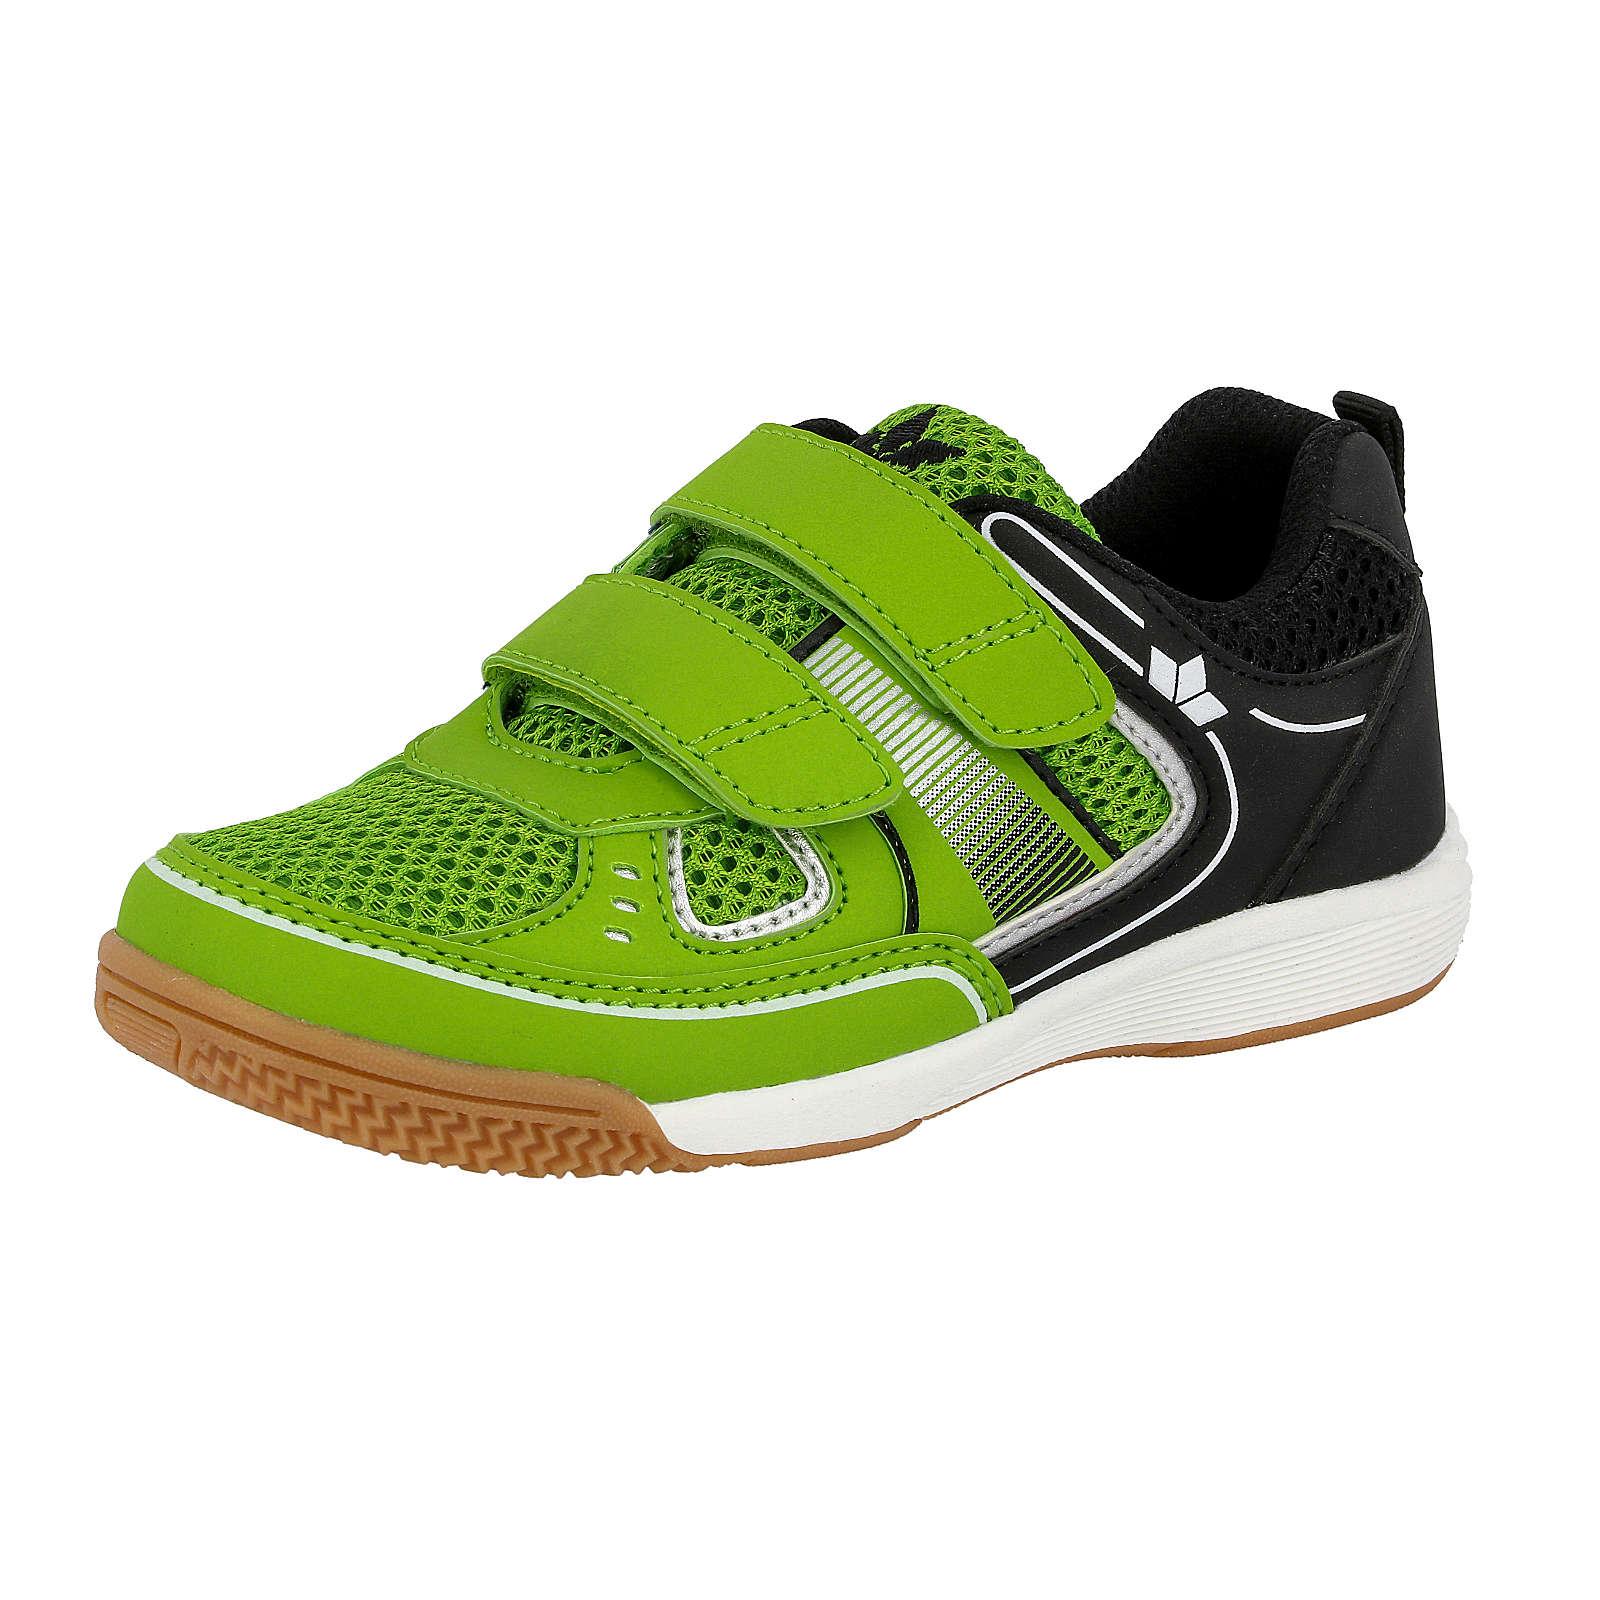 LICO Sportschuhe für Jungen grün Junge Gr. 29